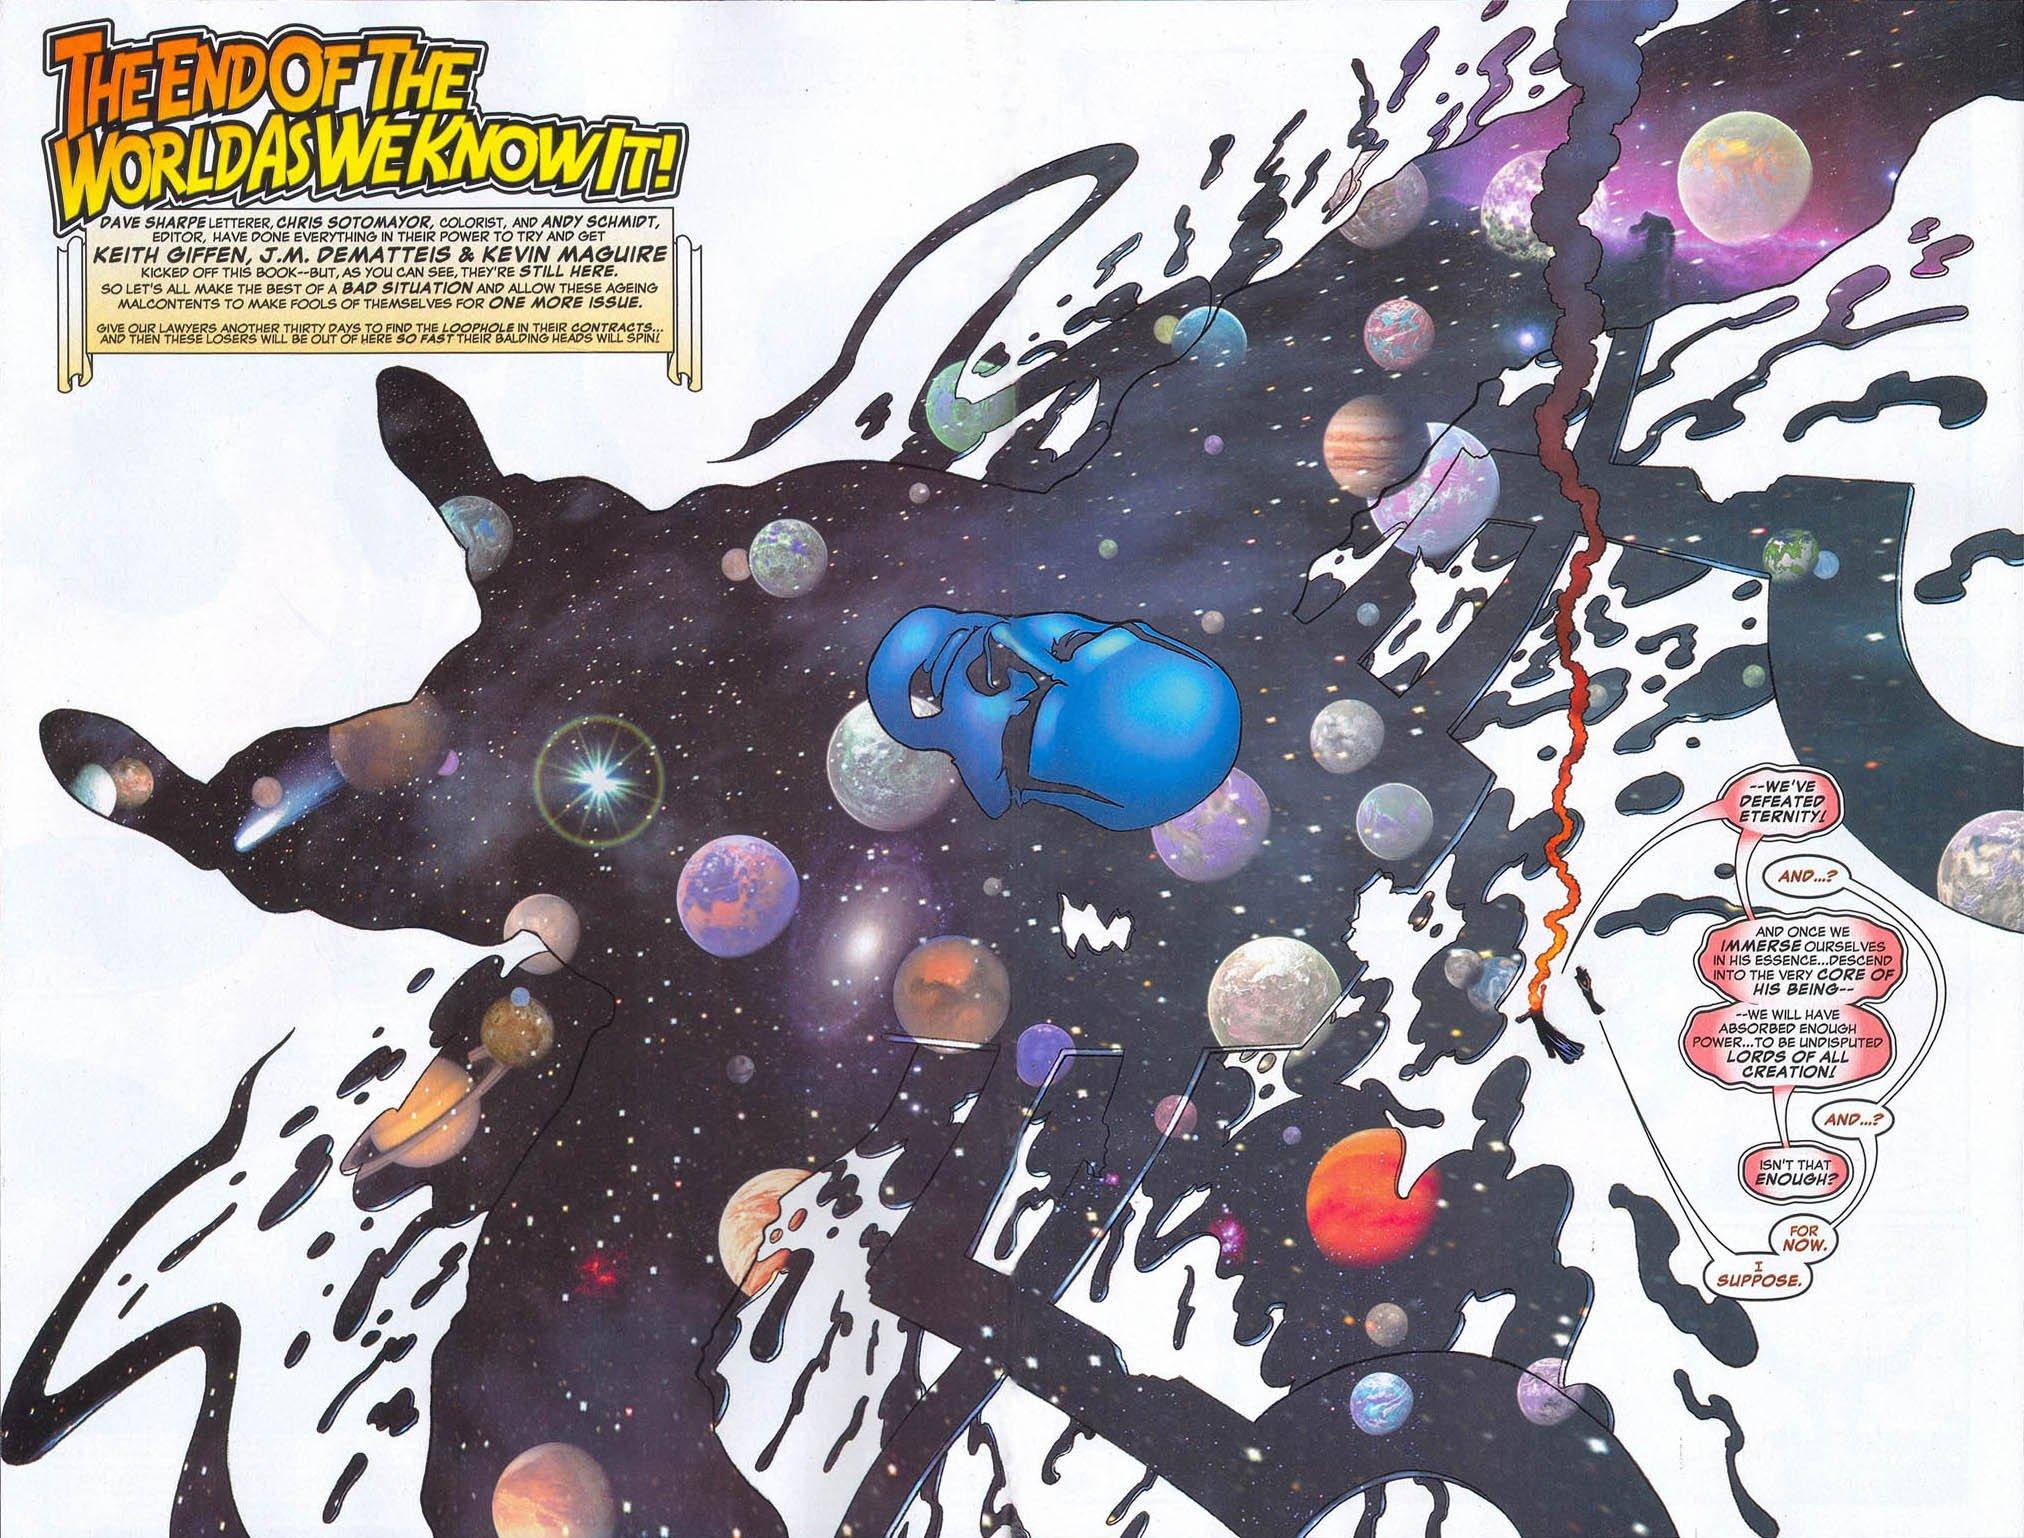 Fantastic Wallpaper Marvel Secret Wars - 4ee4d5efea47f0ada7e09b5e70a4d133  Image_889743.jpg